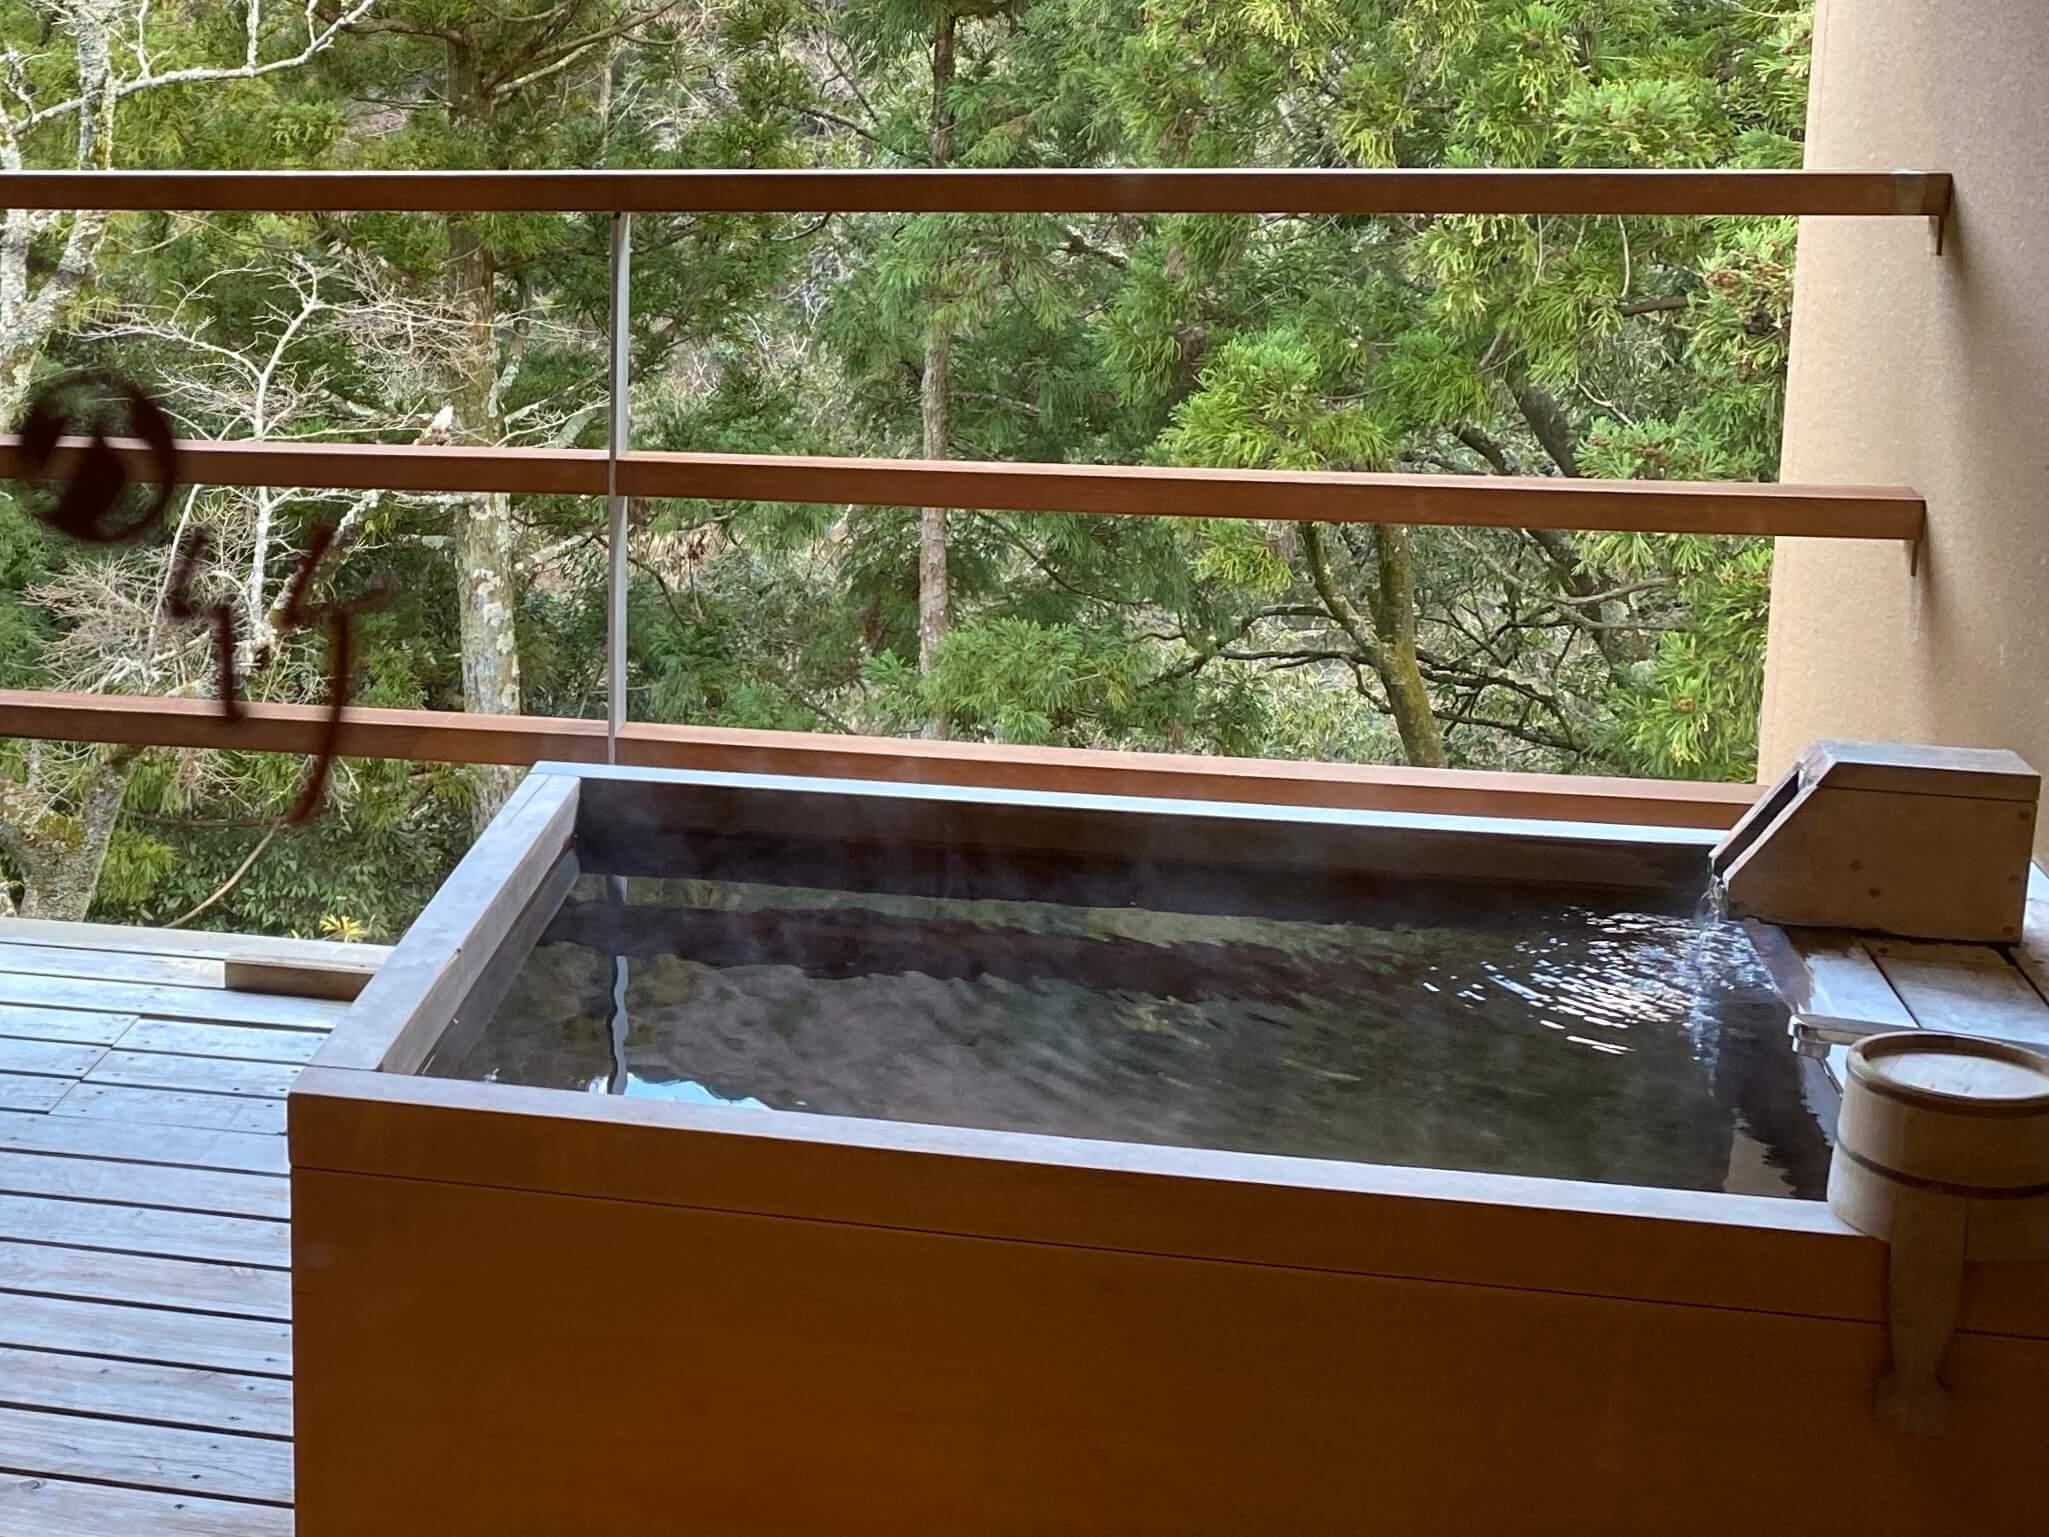 箱根の高級旅館:金の竹塔ノ沢グラブフロア雲のお部屋の客室露天風呂(慶太ブログ)